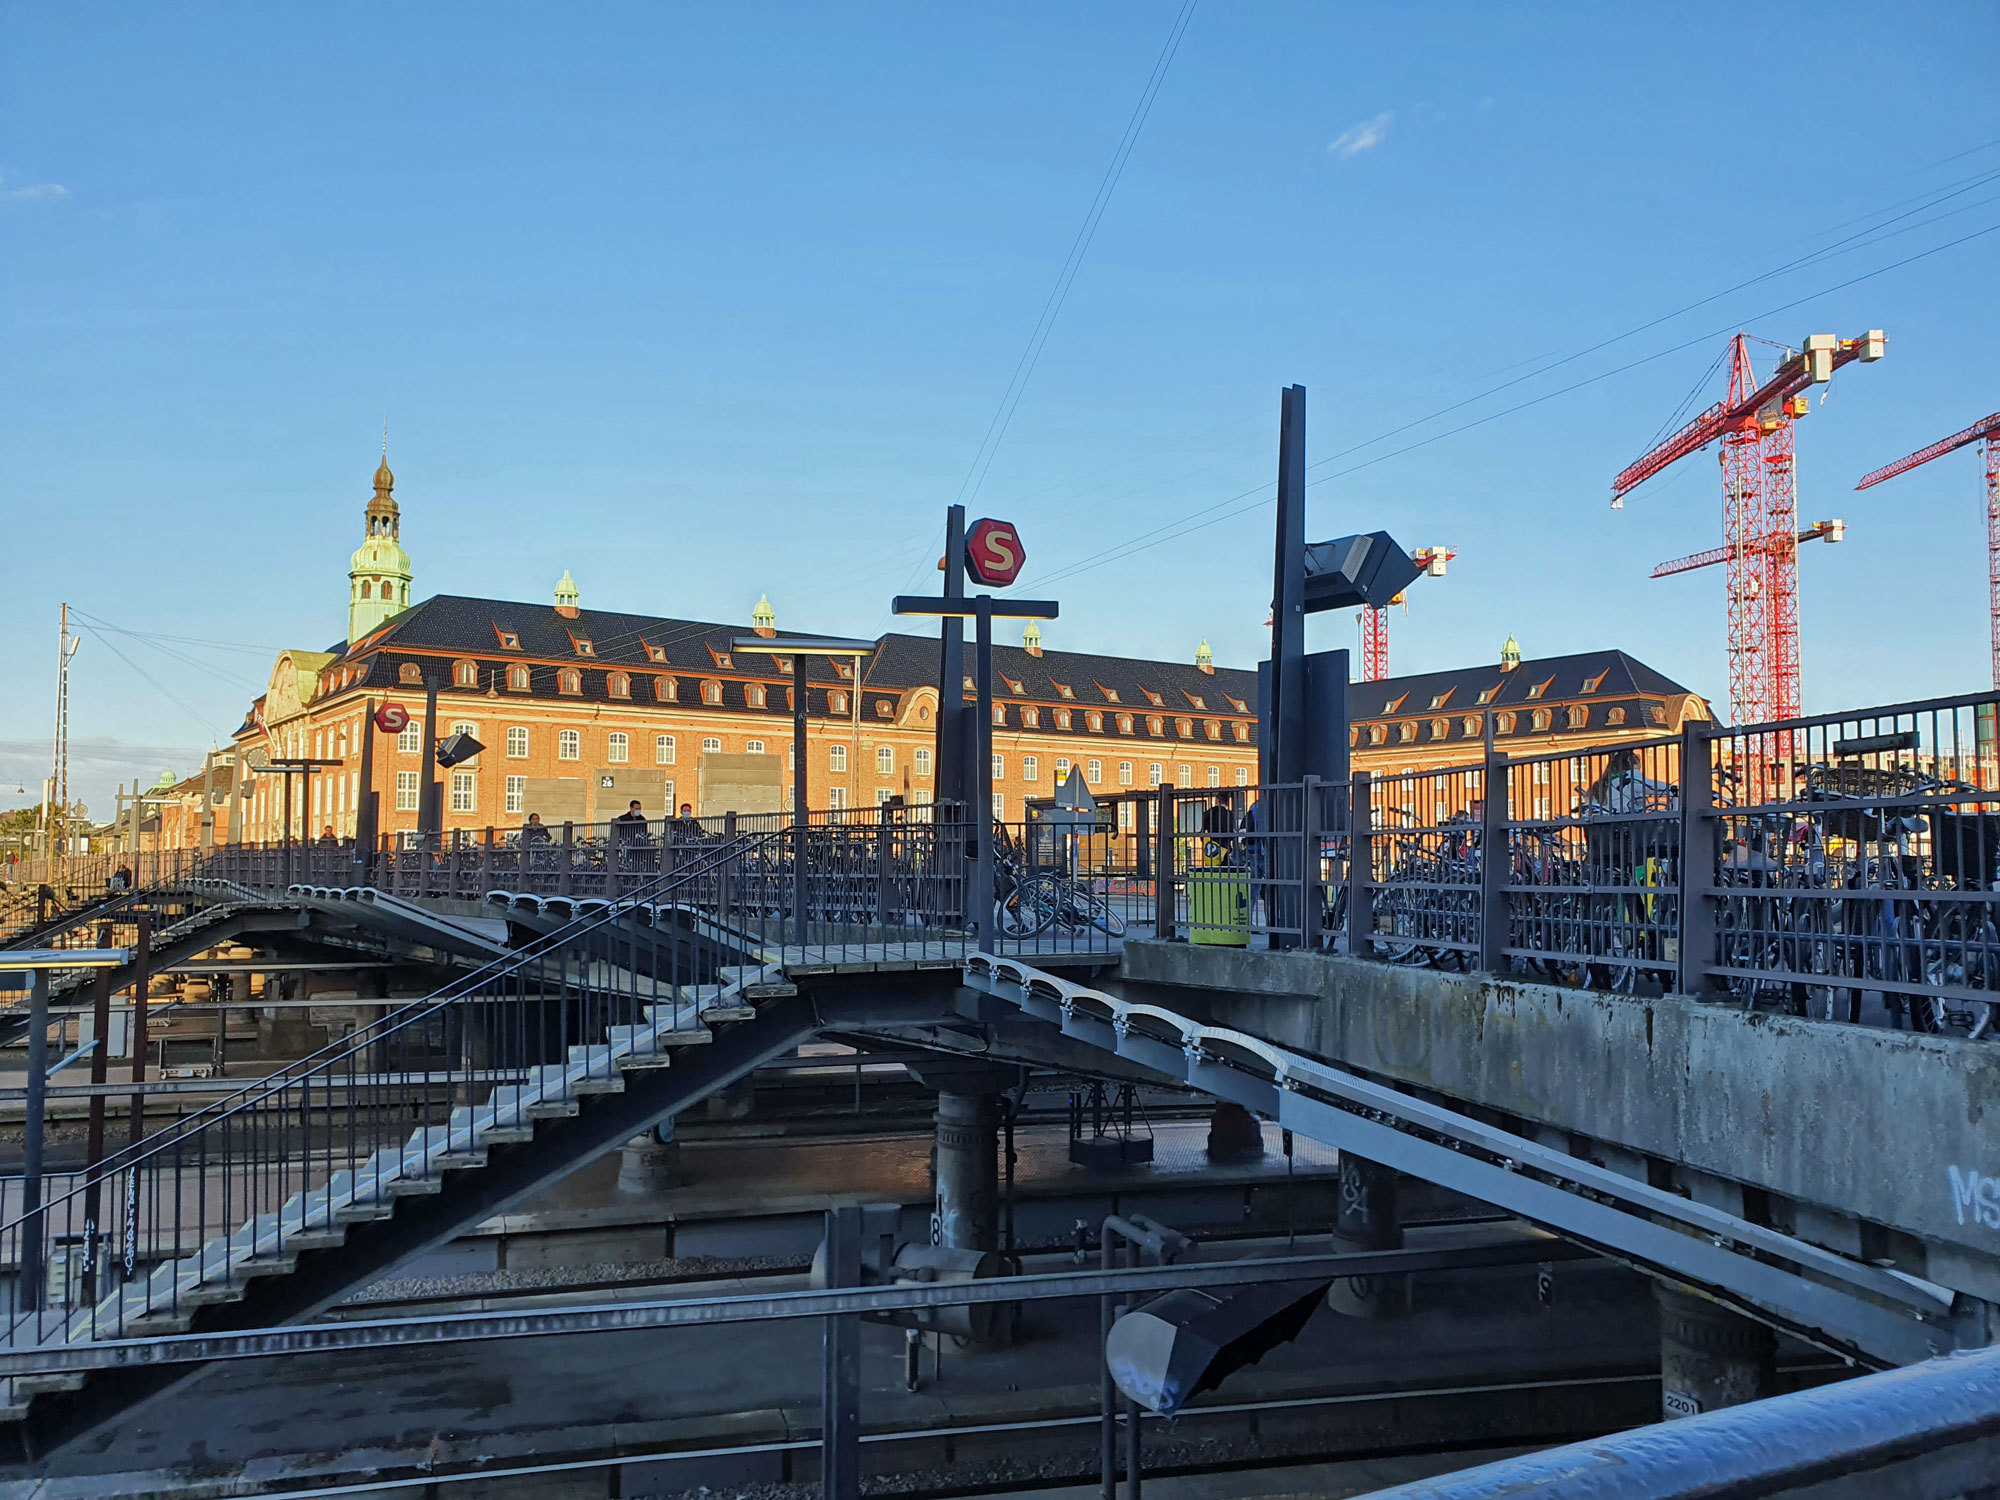 In der ehemaligen Post gleich neben dem Hauptbahnhof hat ein neues 5-Sterne-Hotel eröffnet: Villa Copenhagen. Foto: Claudia Simone Hoff